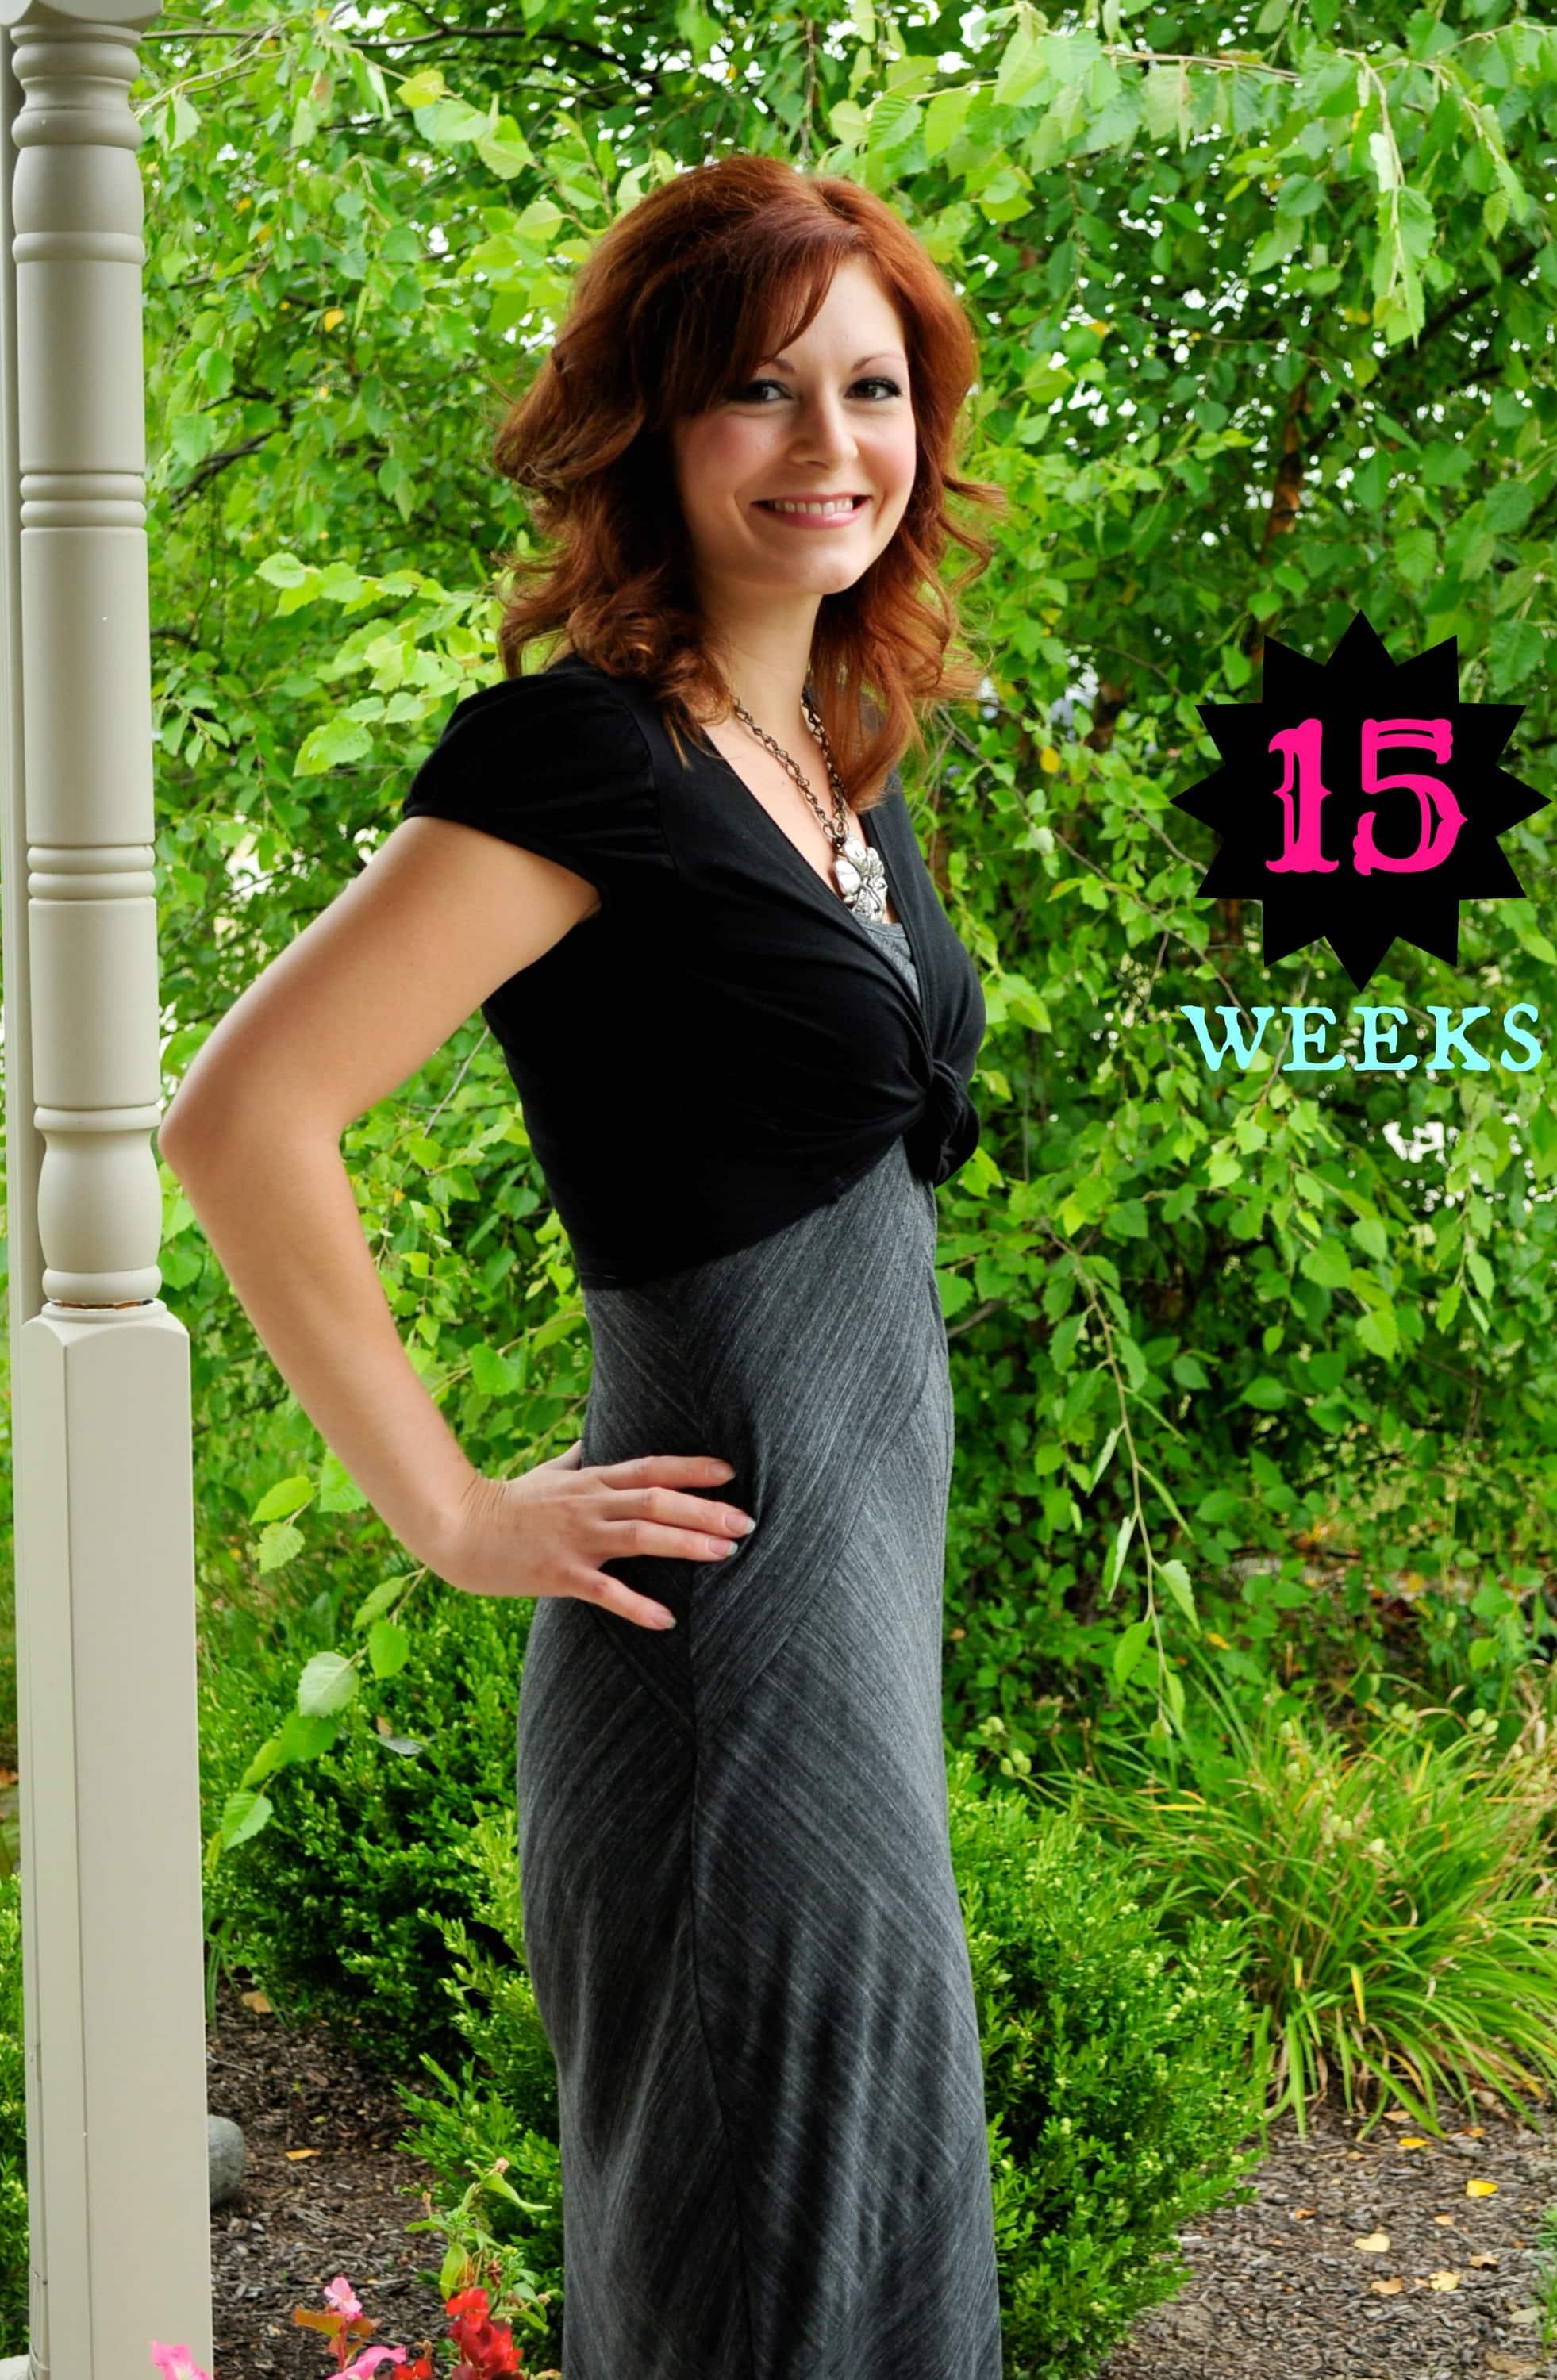 15 weeks pregnant!!!!